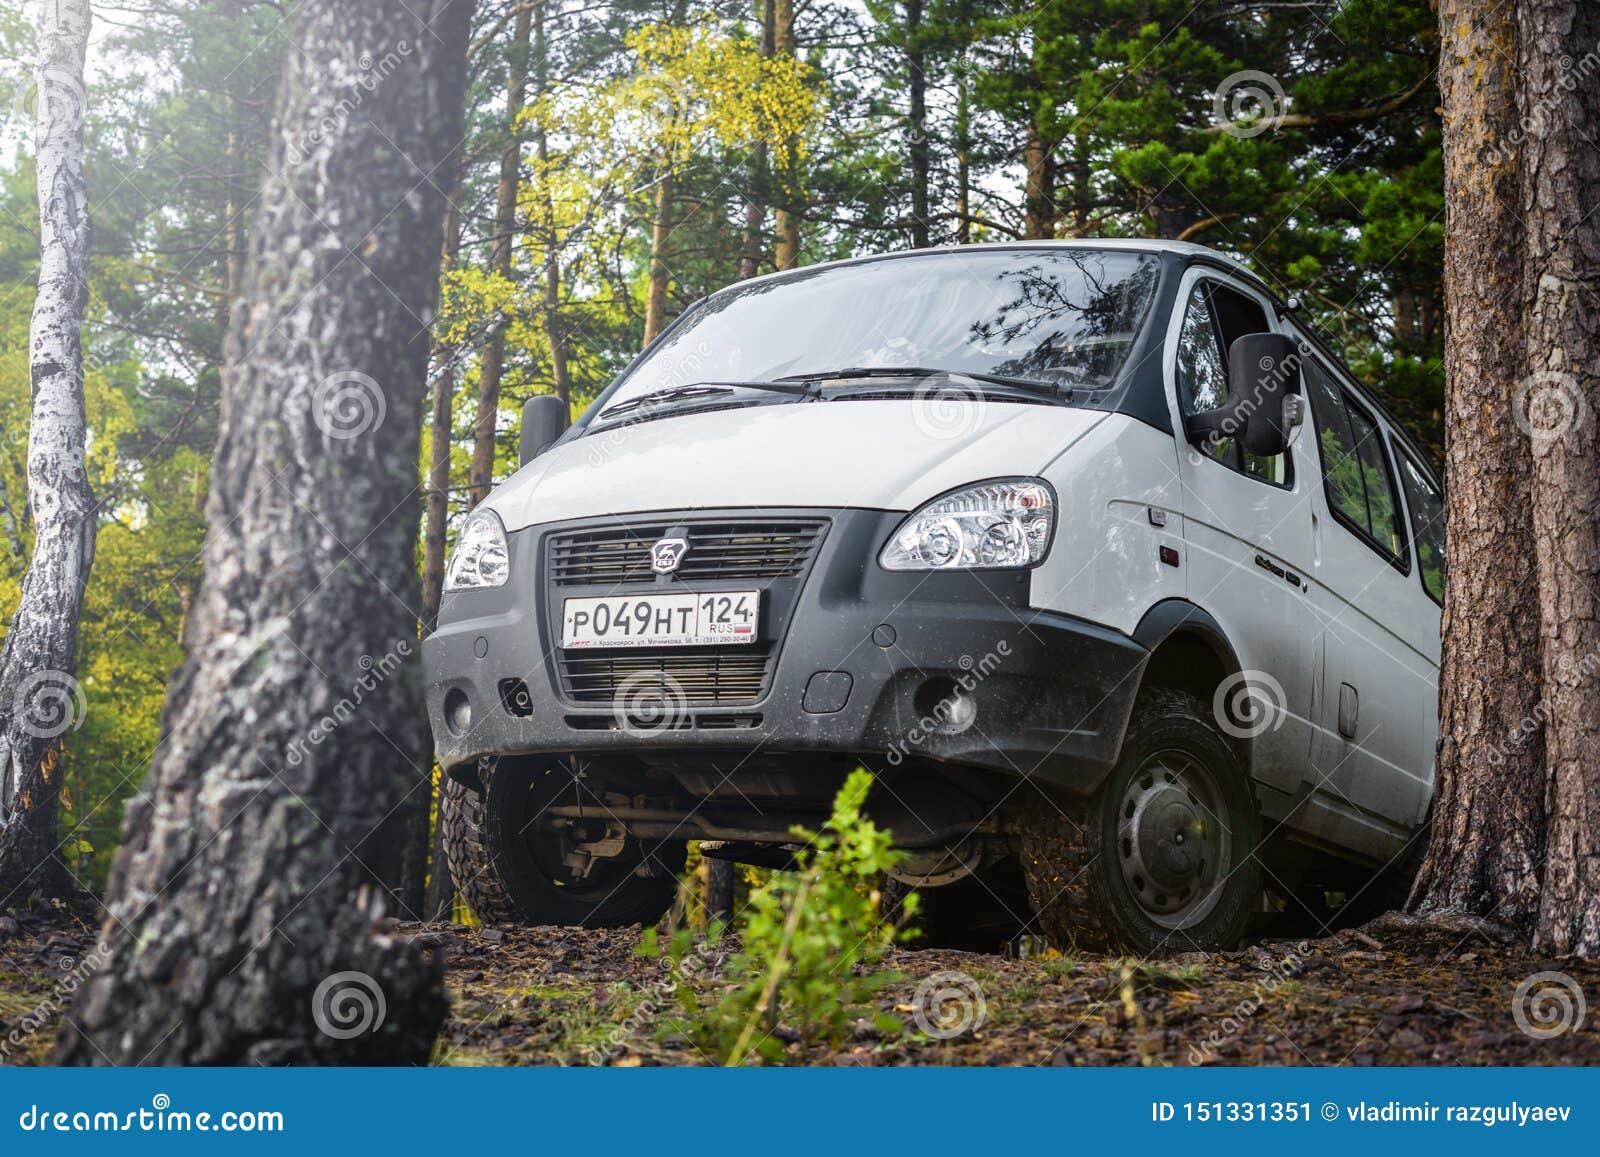 4x4 GAZ SOBOL samochód parkujący na górze wzgórza w lesie